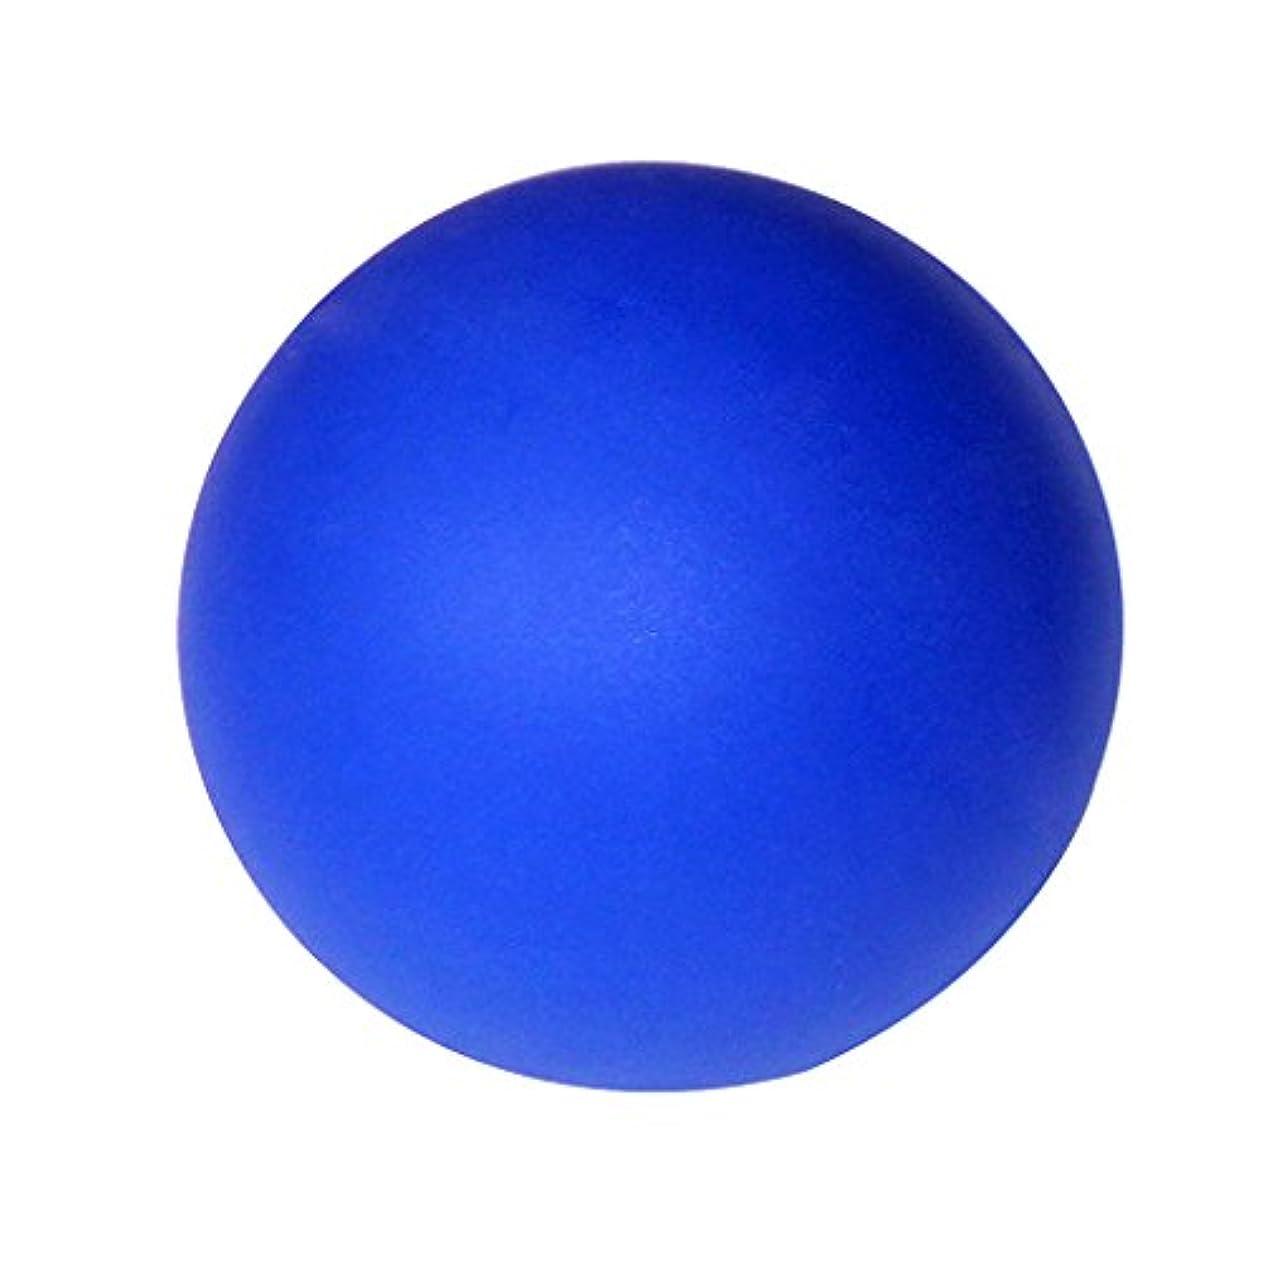 軽食ぐるぐるアミューズマッサージボール ラクロスマッサージボール 足 腕 首 足首 背中 ジム ホーム 運動療法